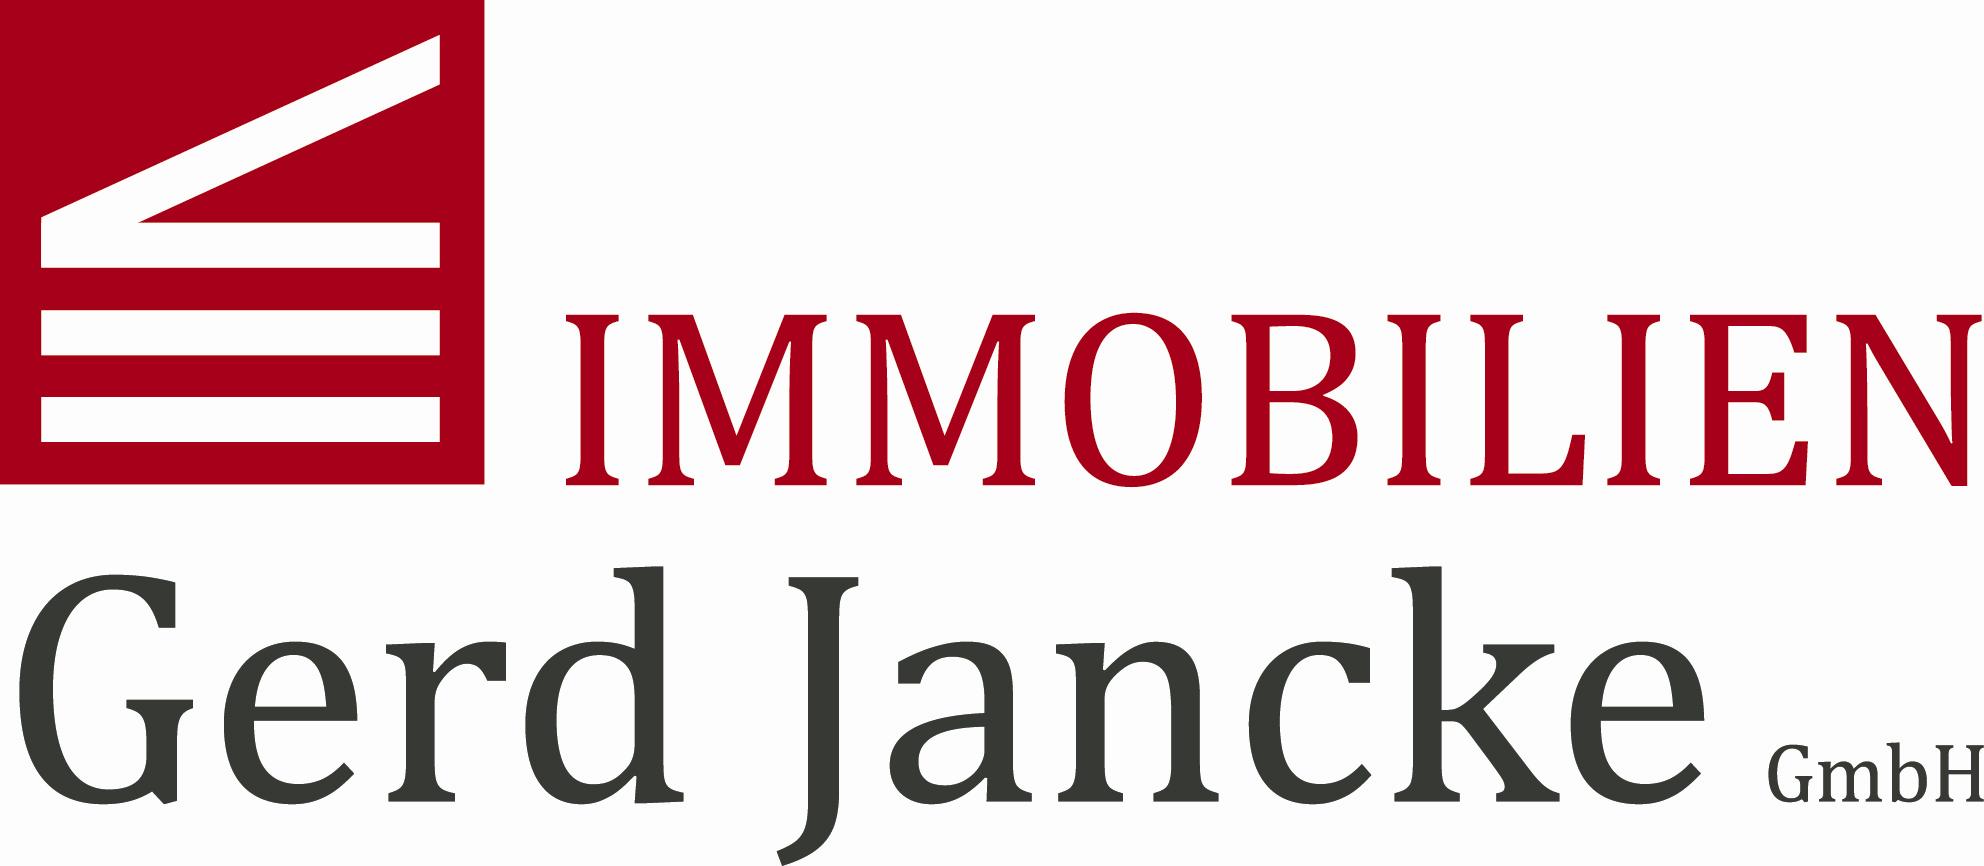 Hier sehen Sie das Logo von Immobilien - Gerd Jancke GmbH